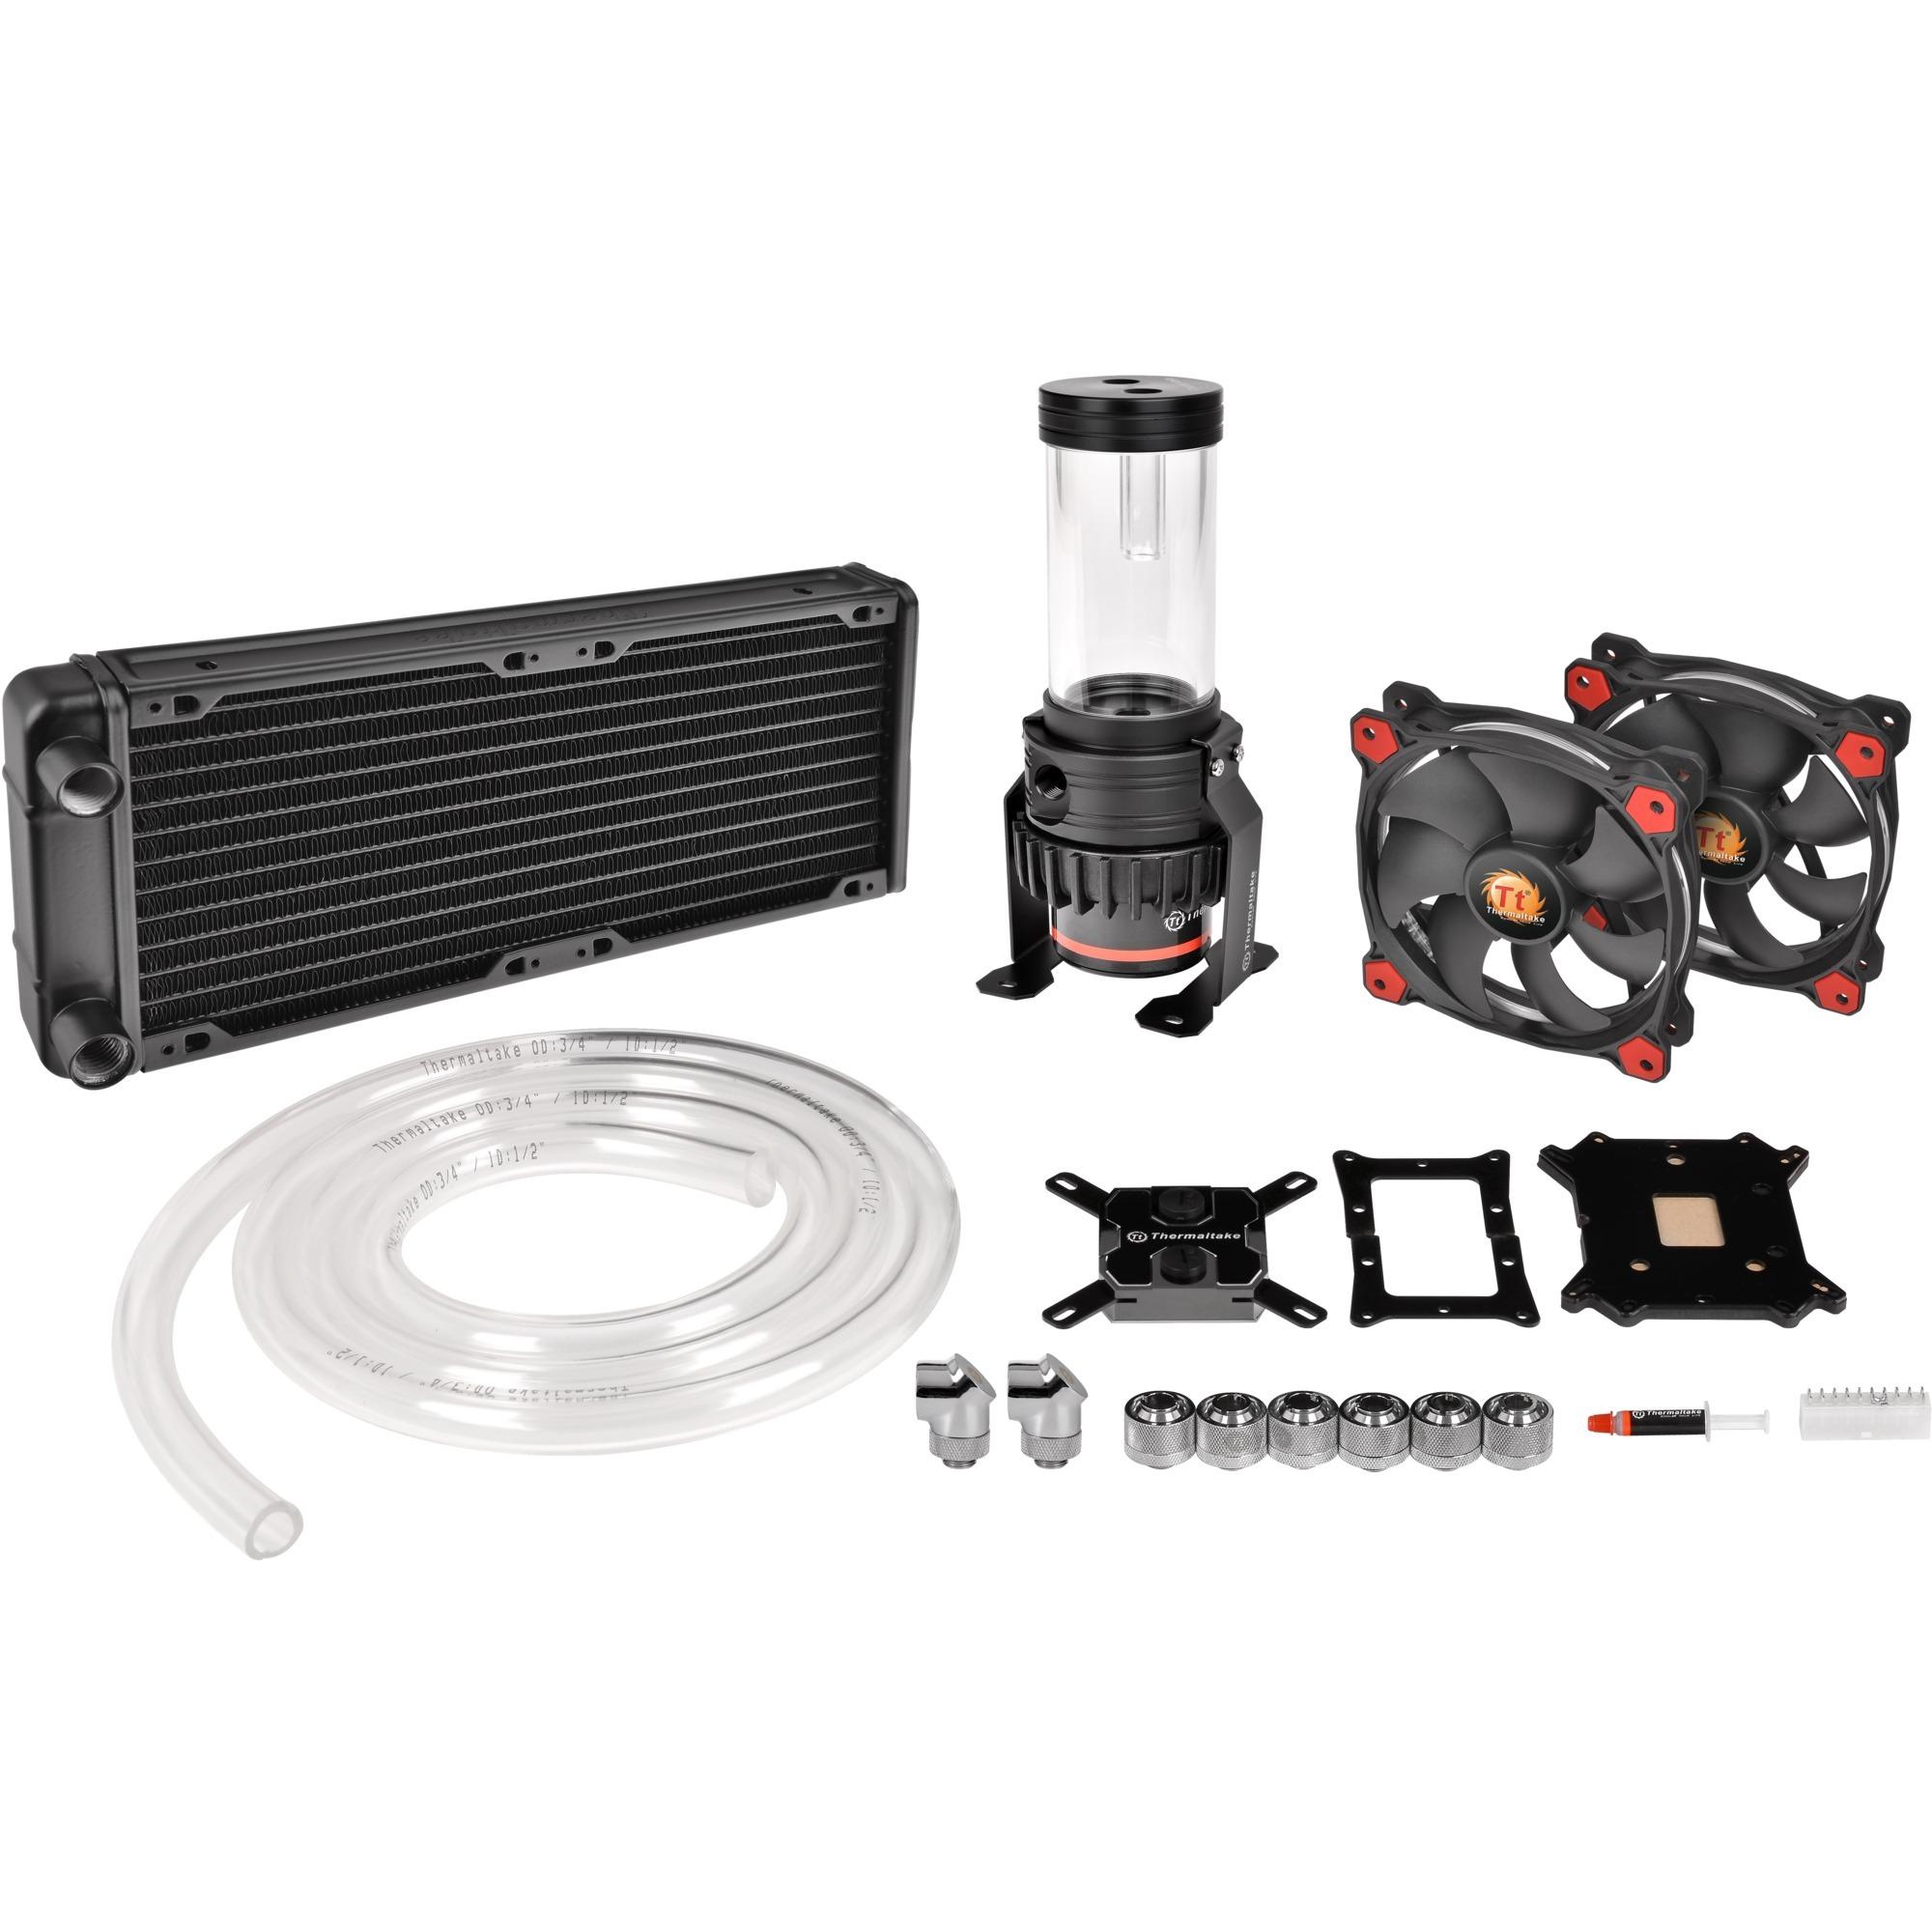 Pacific Gaming R240 Processeur eau et gaz réfrigérants, Refroidissement par eau